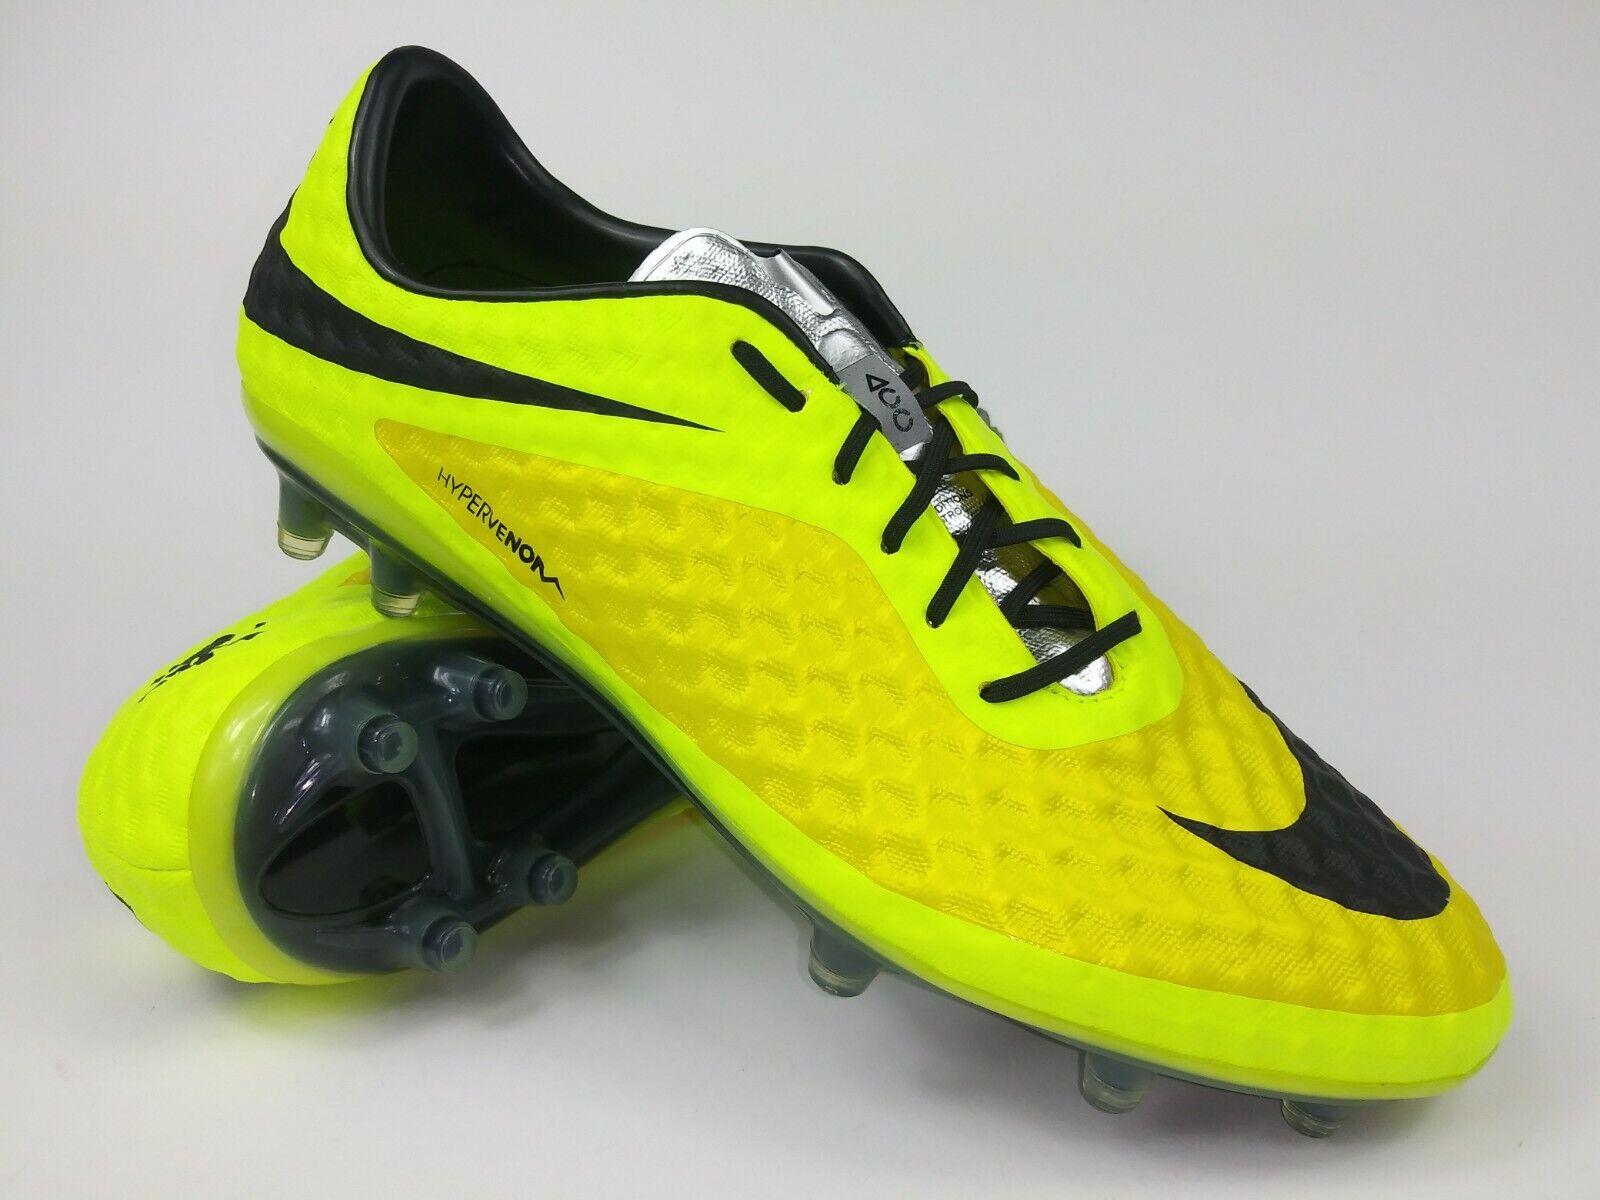 quality design bc5d5 d95a3 купить nike hypervenom phantom soccer, с доставкой Nike Men Rare Hypervenom  Phantom FG 599843 700